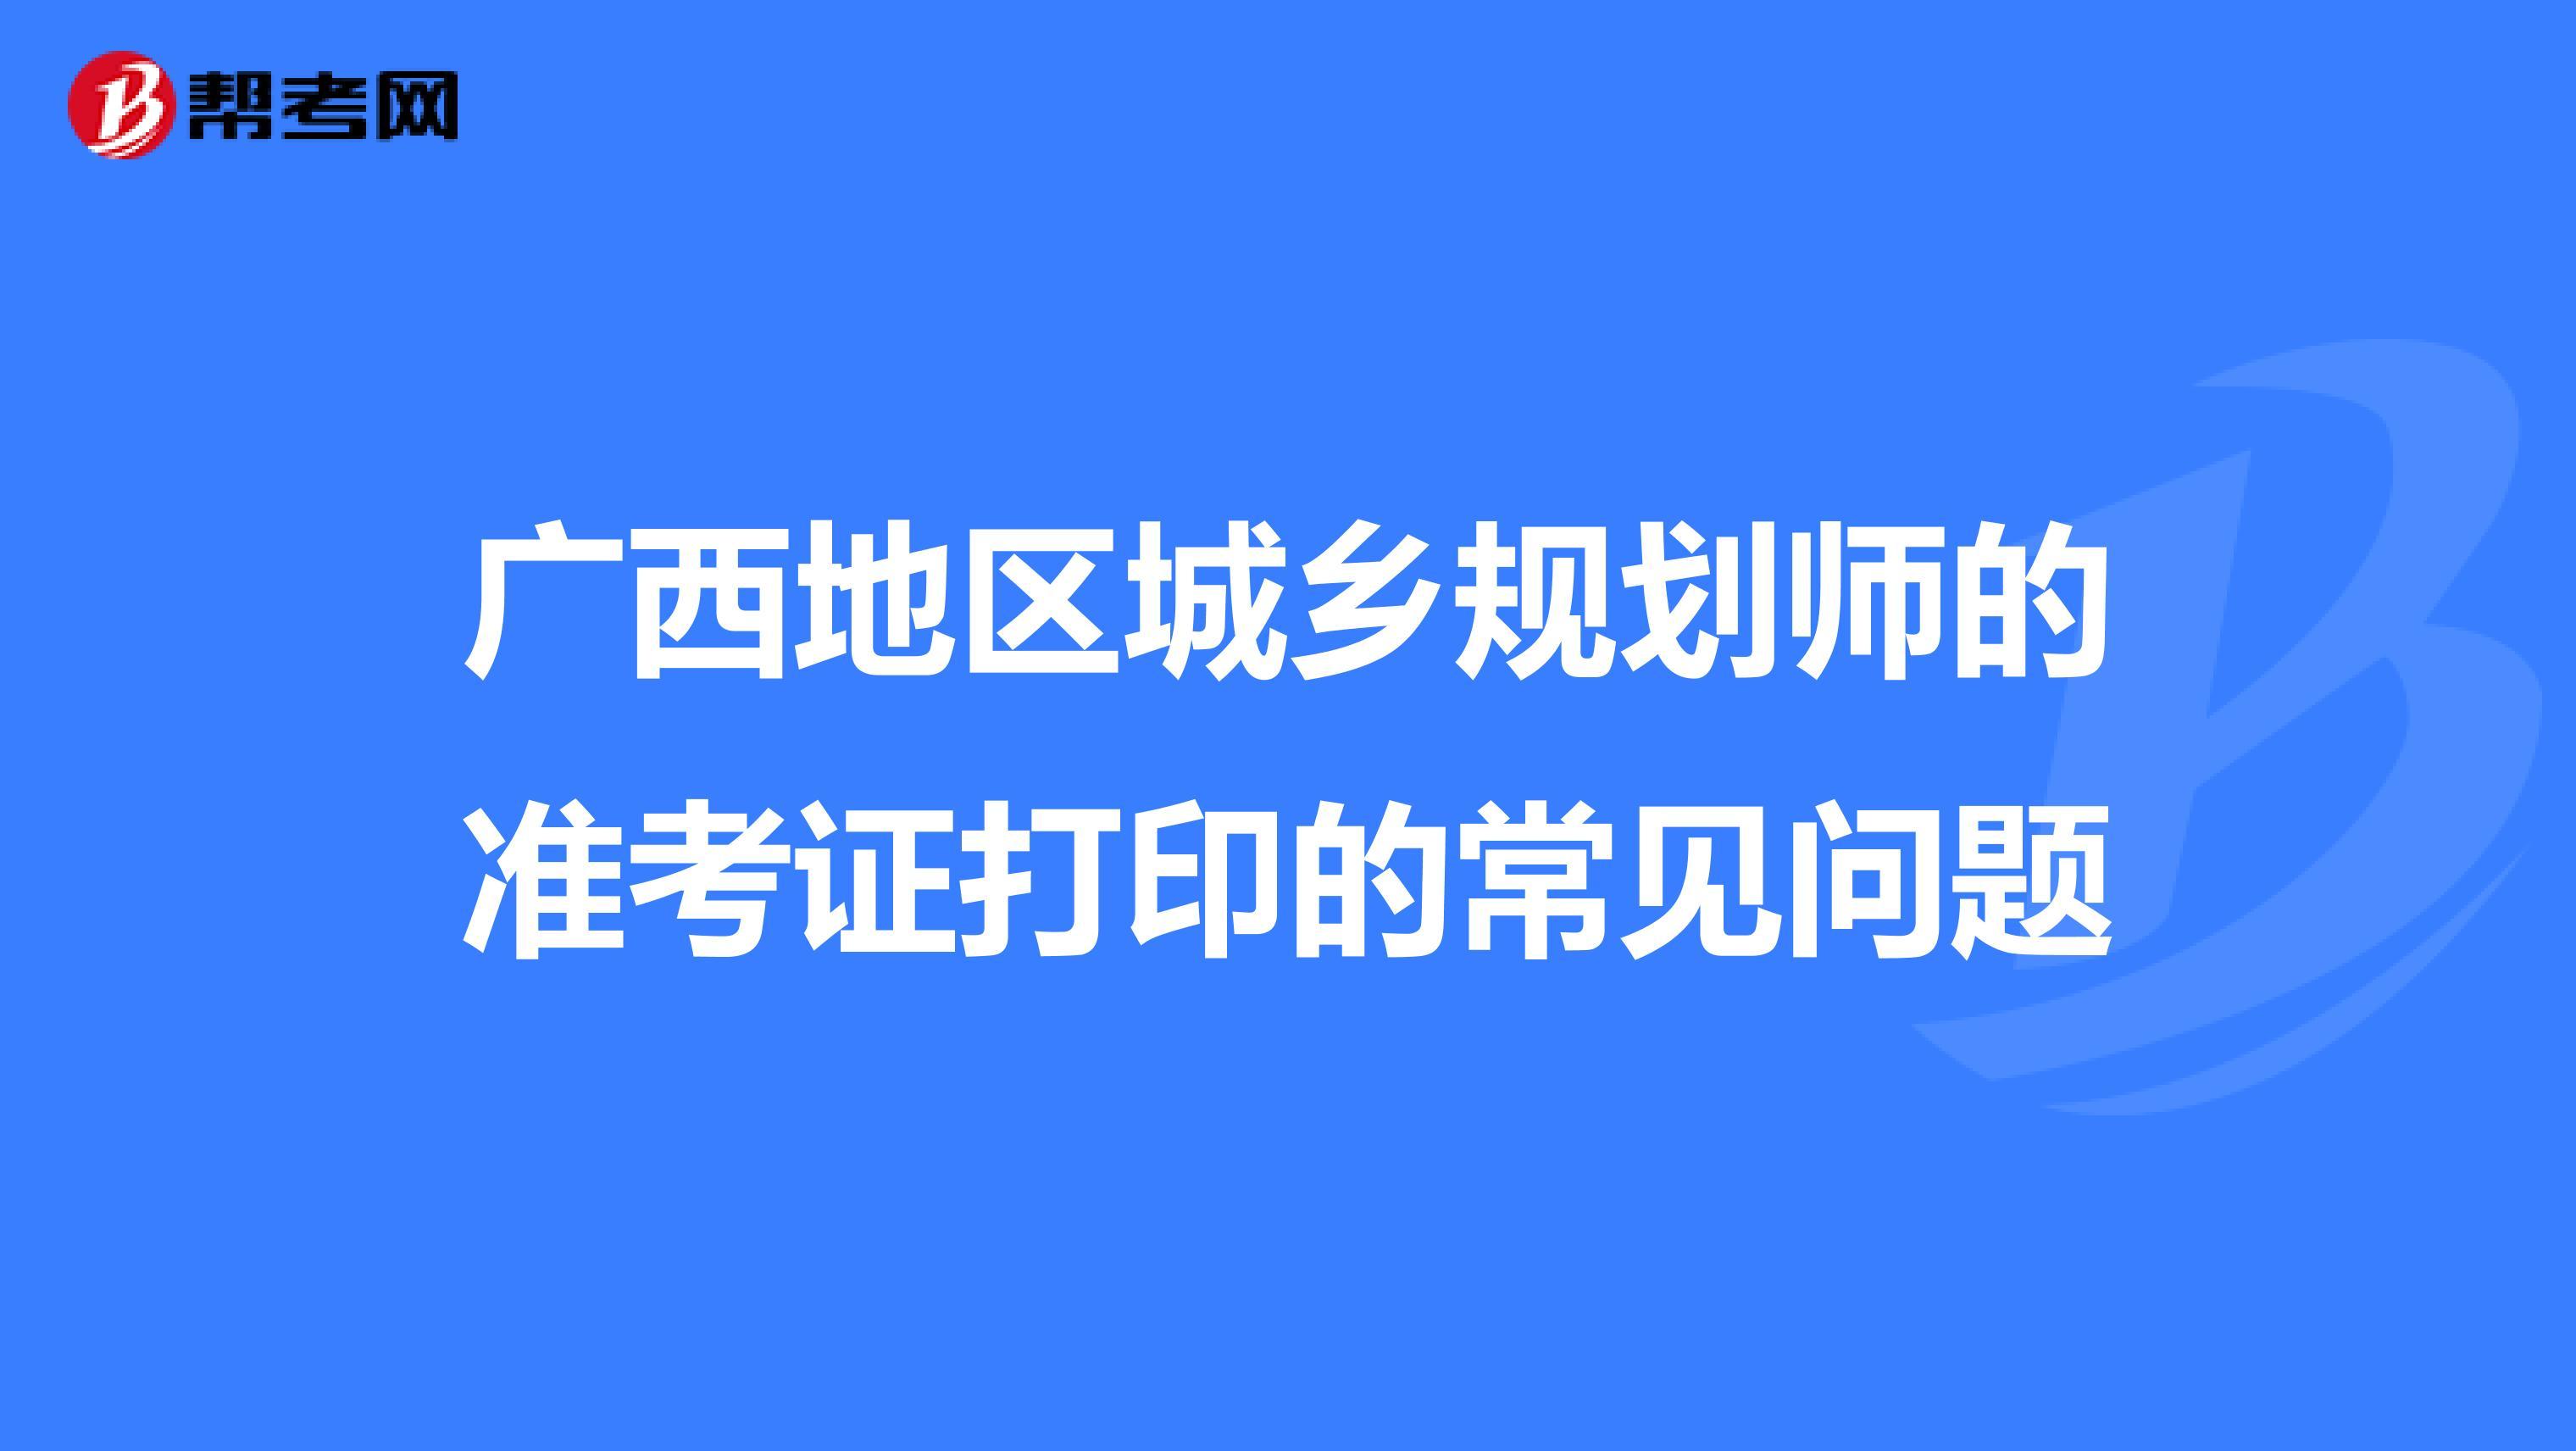 广西地区城乡规划师的准考证打印的常见问题